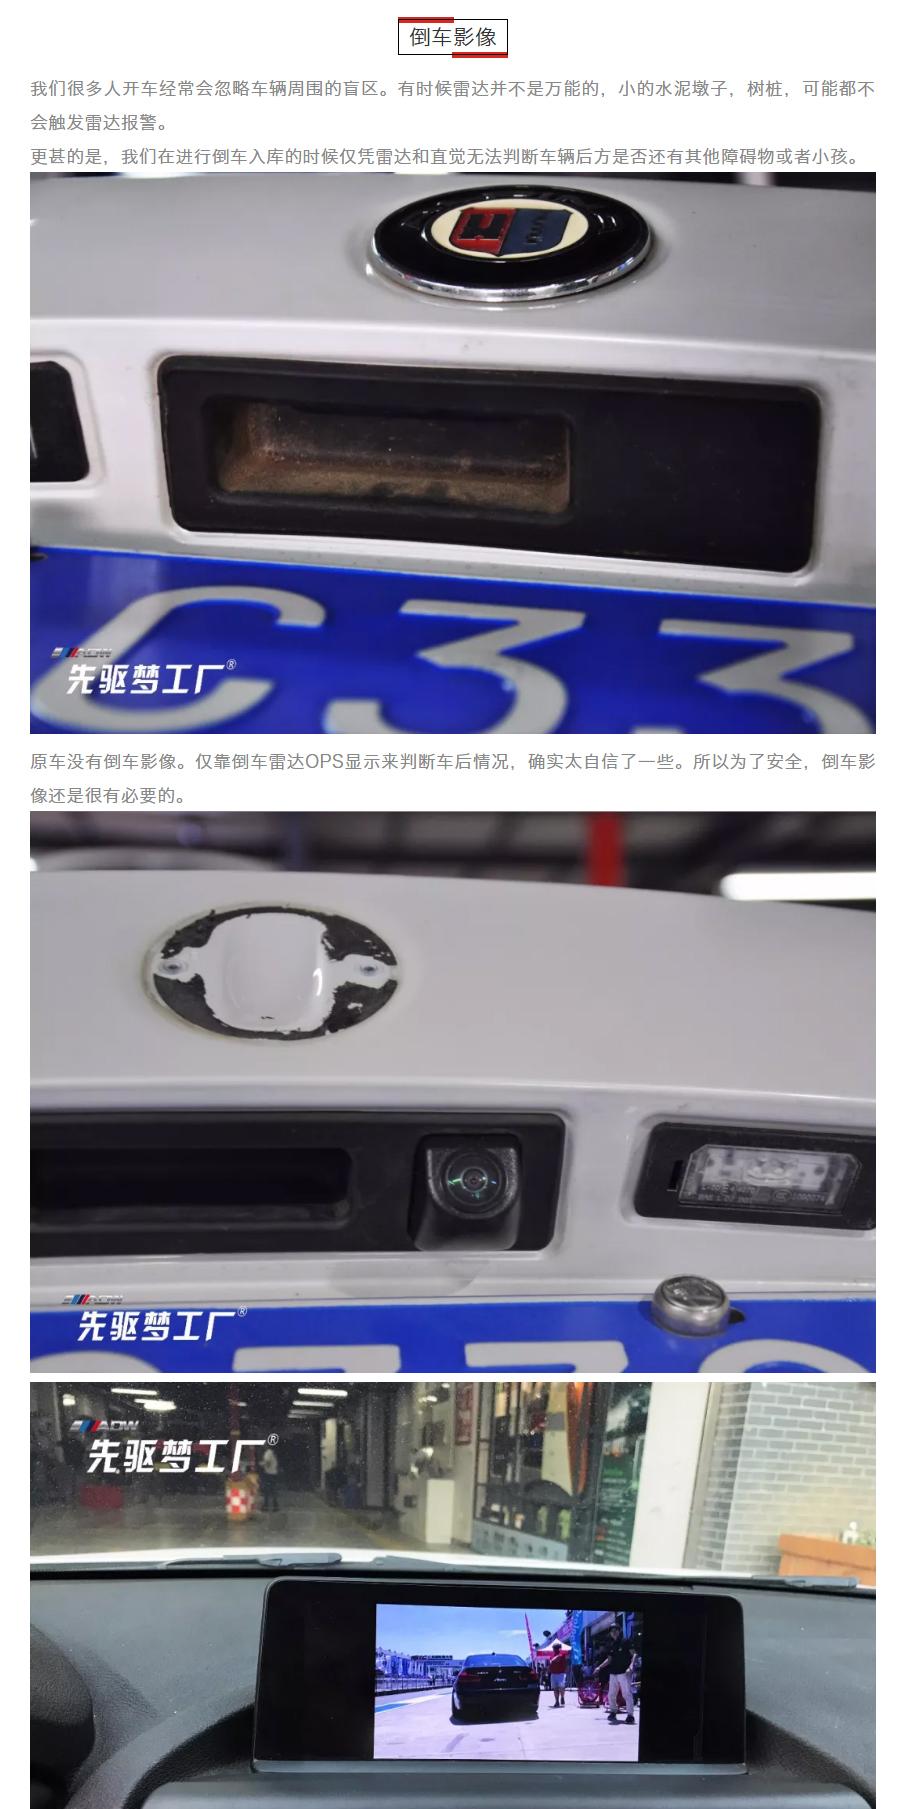 武汉先驱梦工厂_08.jpg